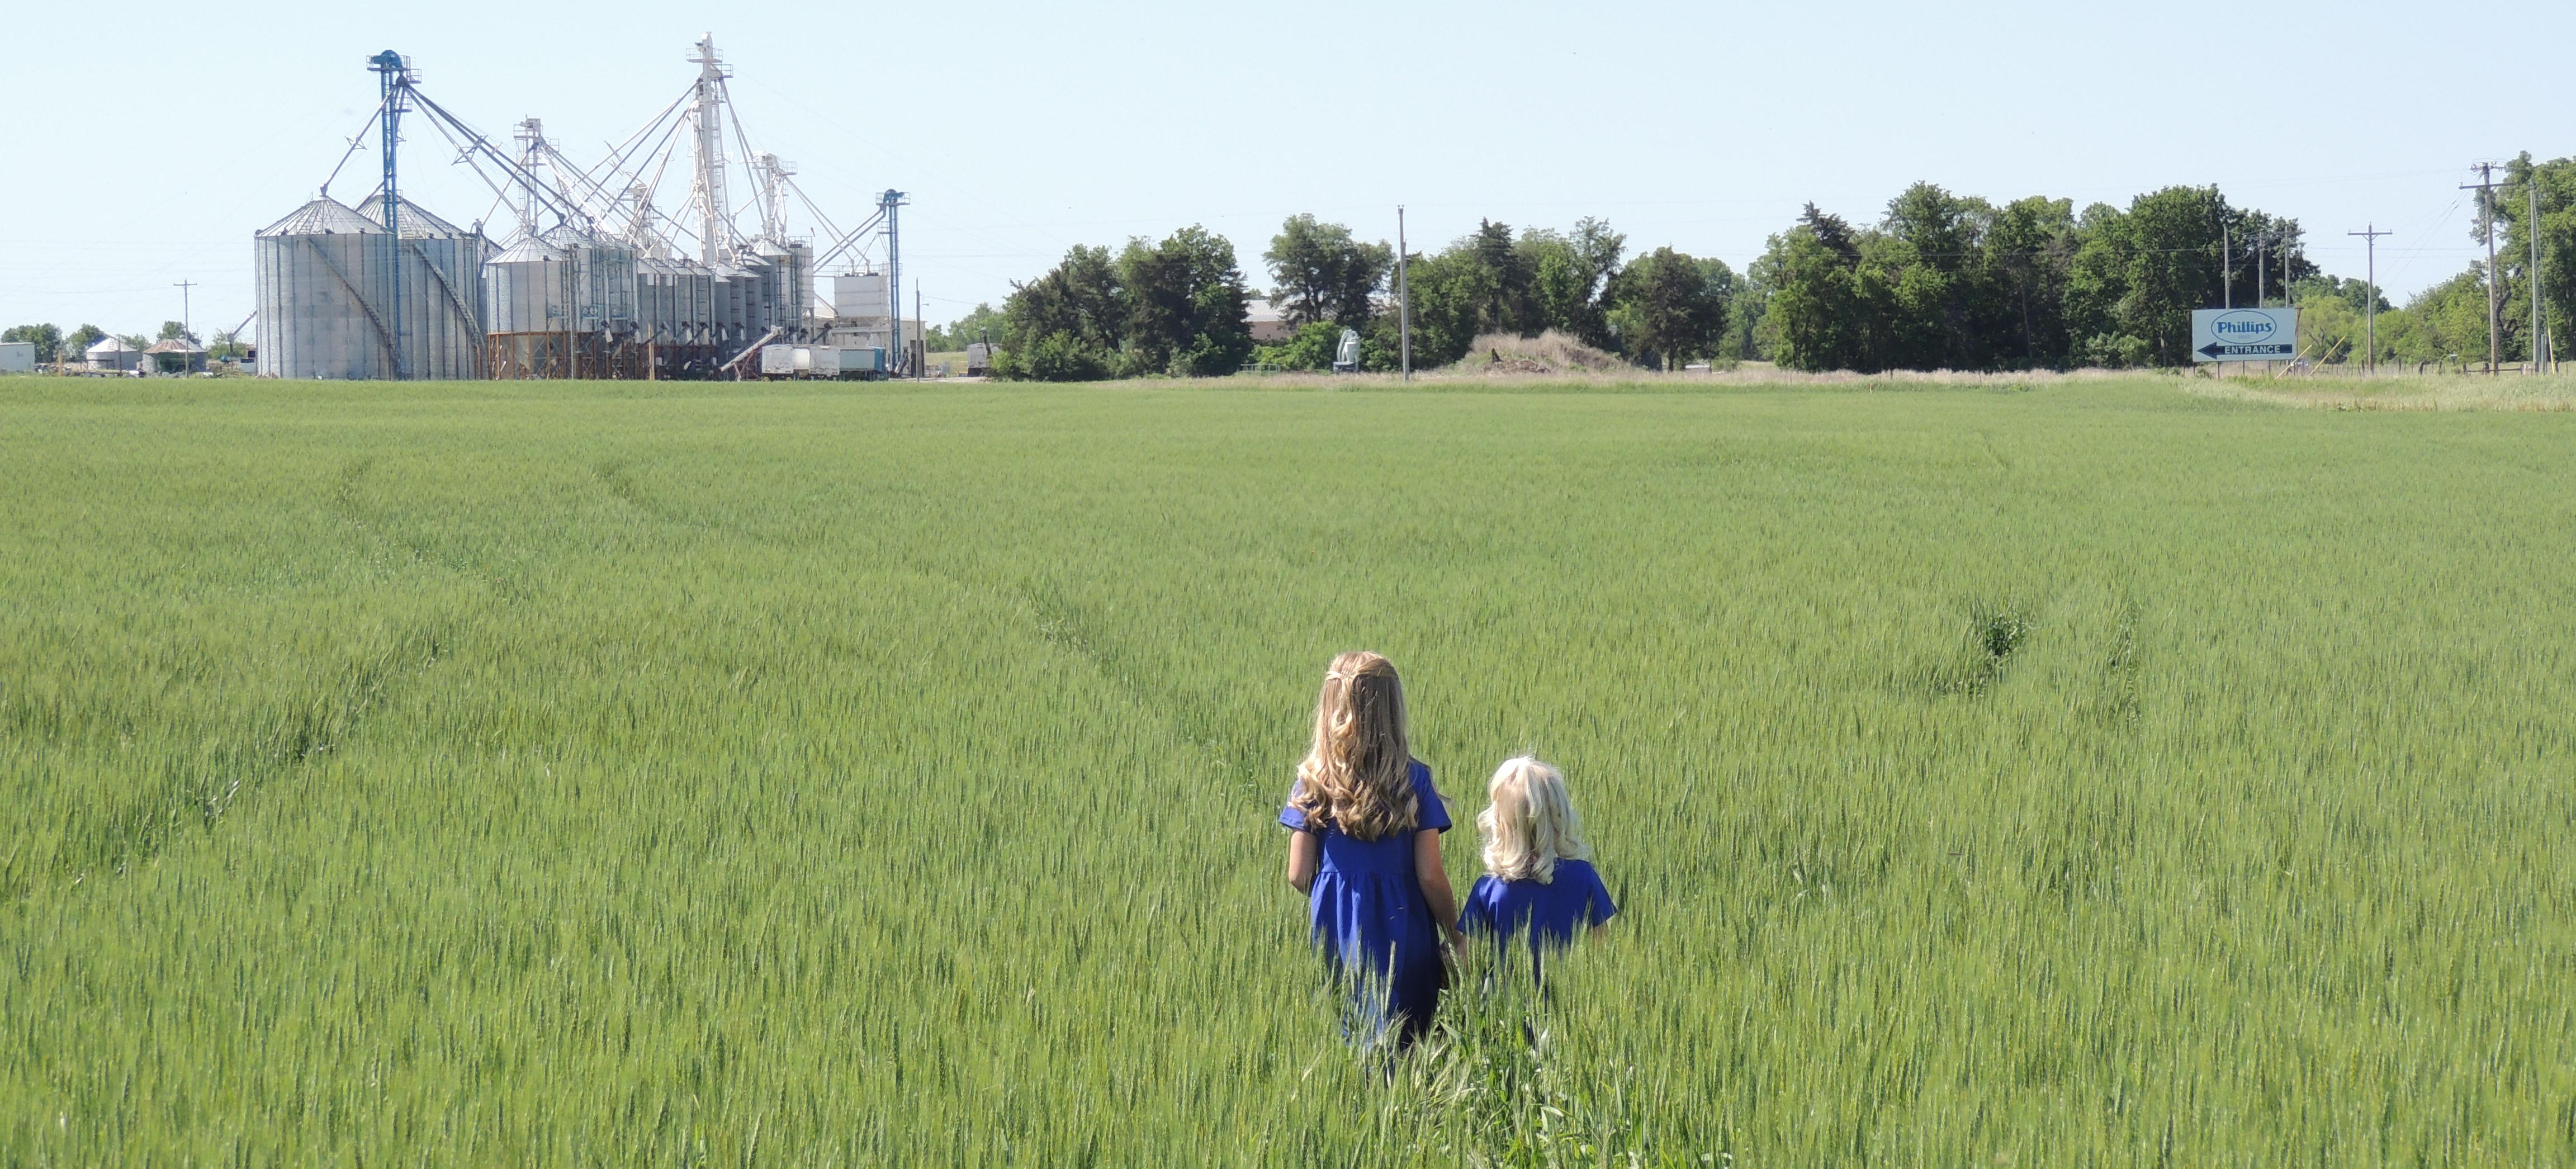 Allison Photo Girls in Wheat Field Lands